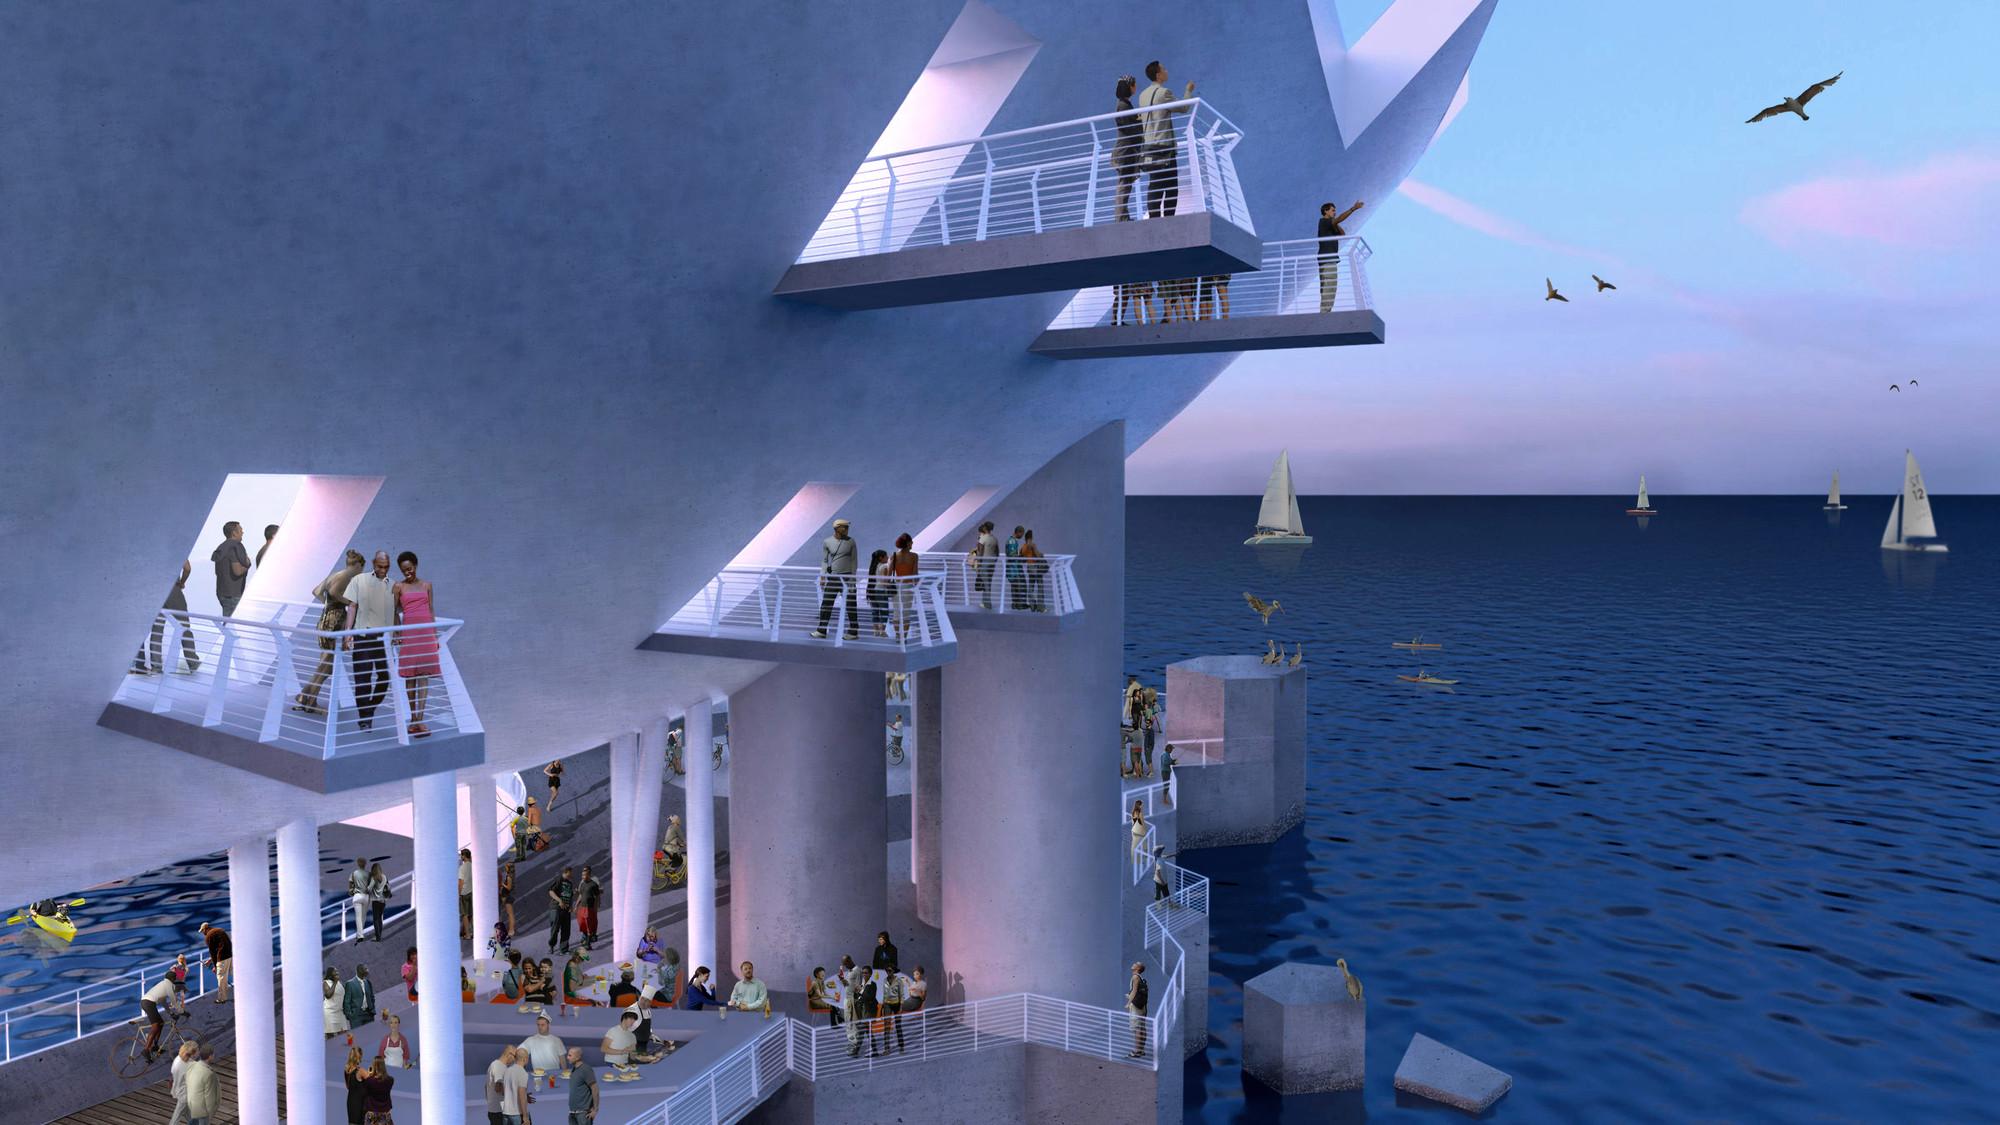 """Despite Controversy, Michael Maltzan Architecture's """"Lens"""" Will Go On"""